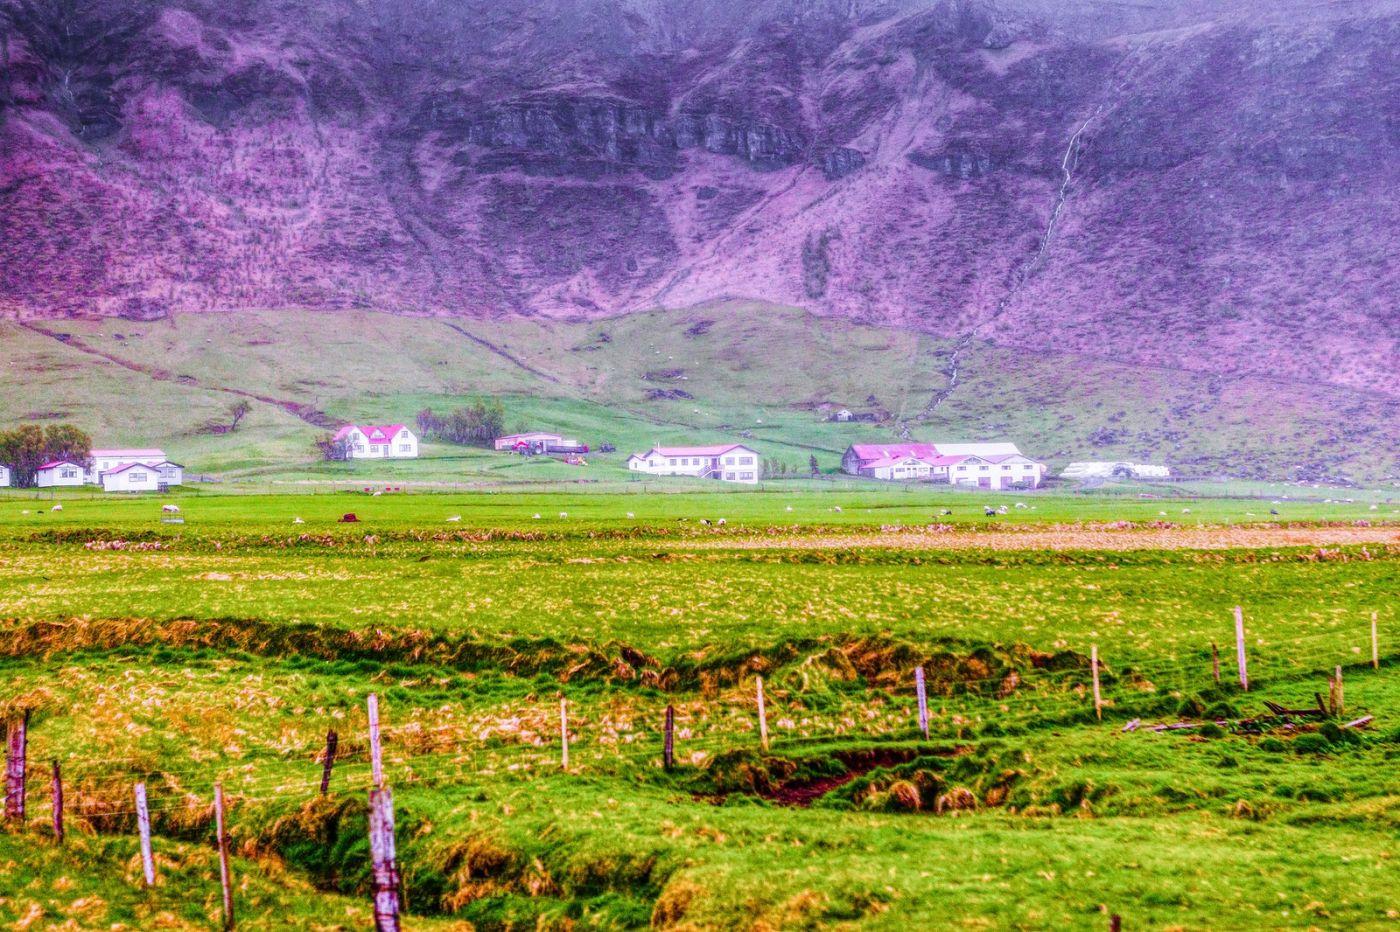 冰岛风采,大山民舍羊群_图1-25